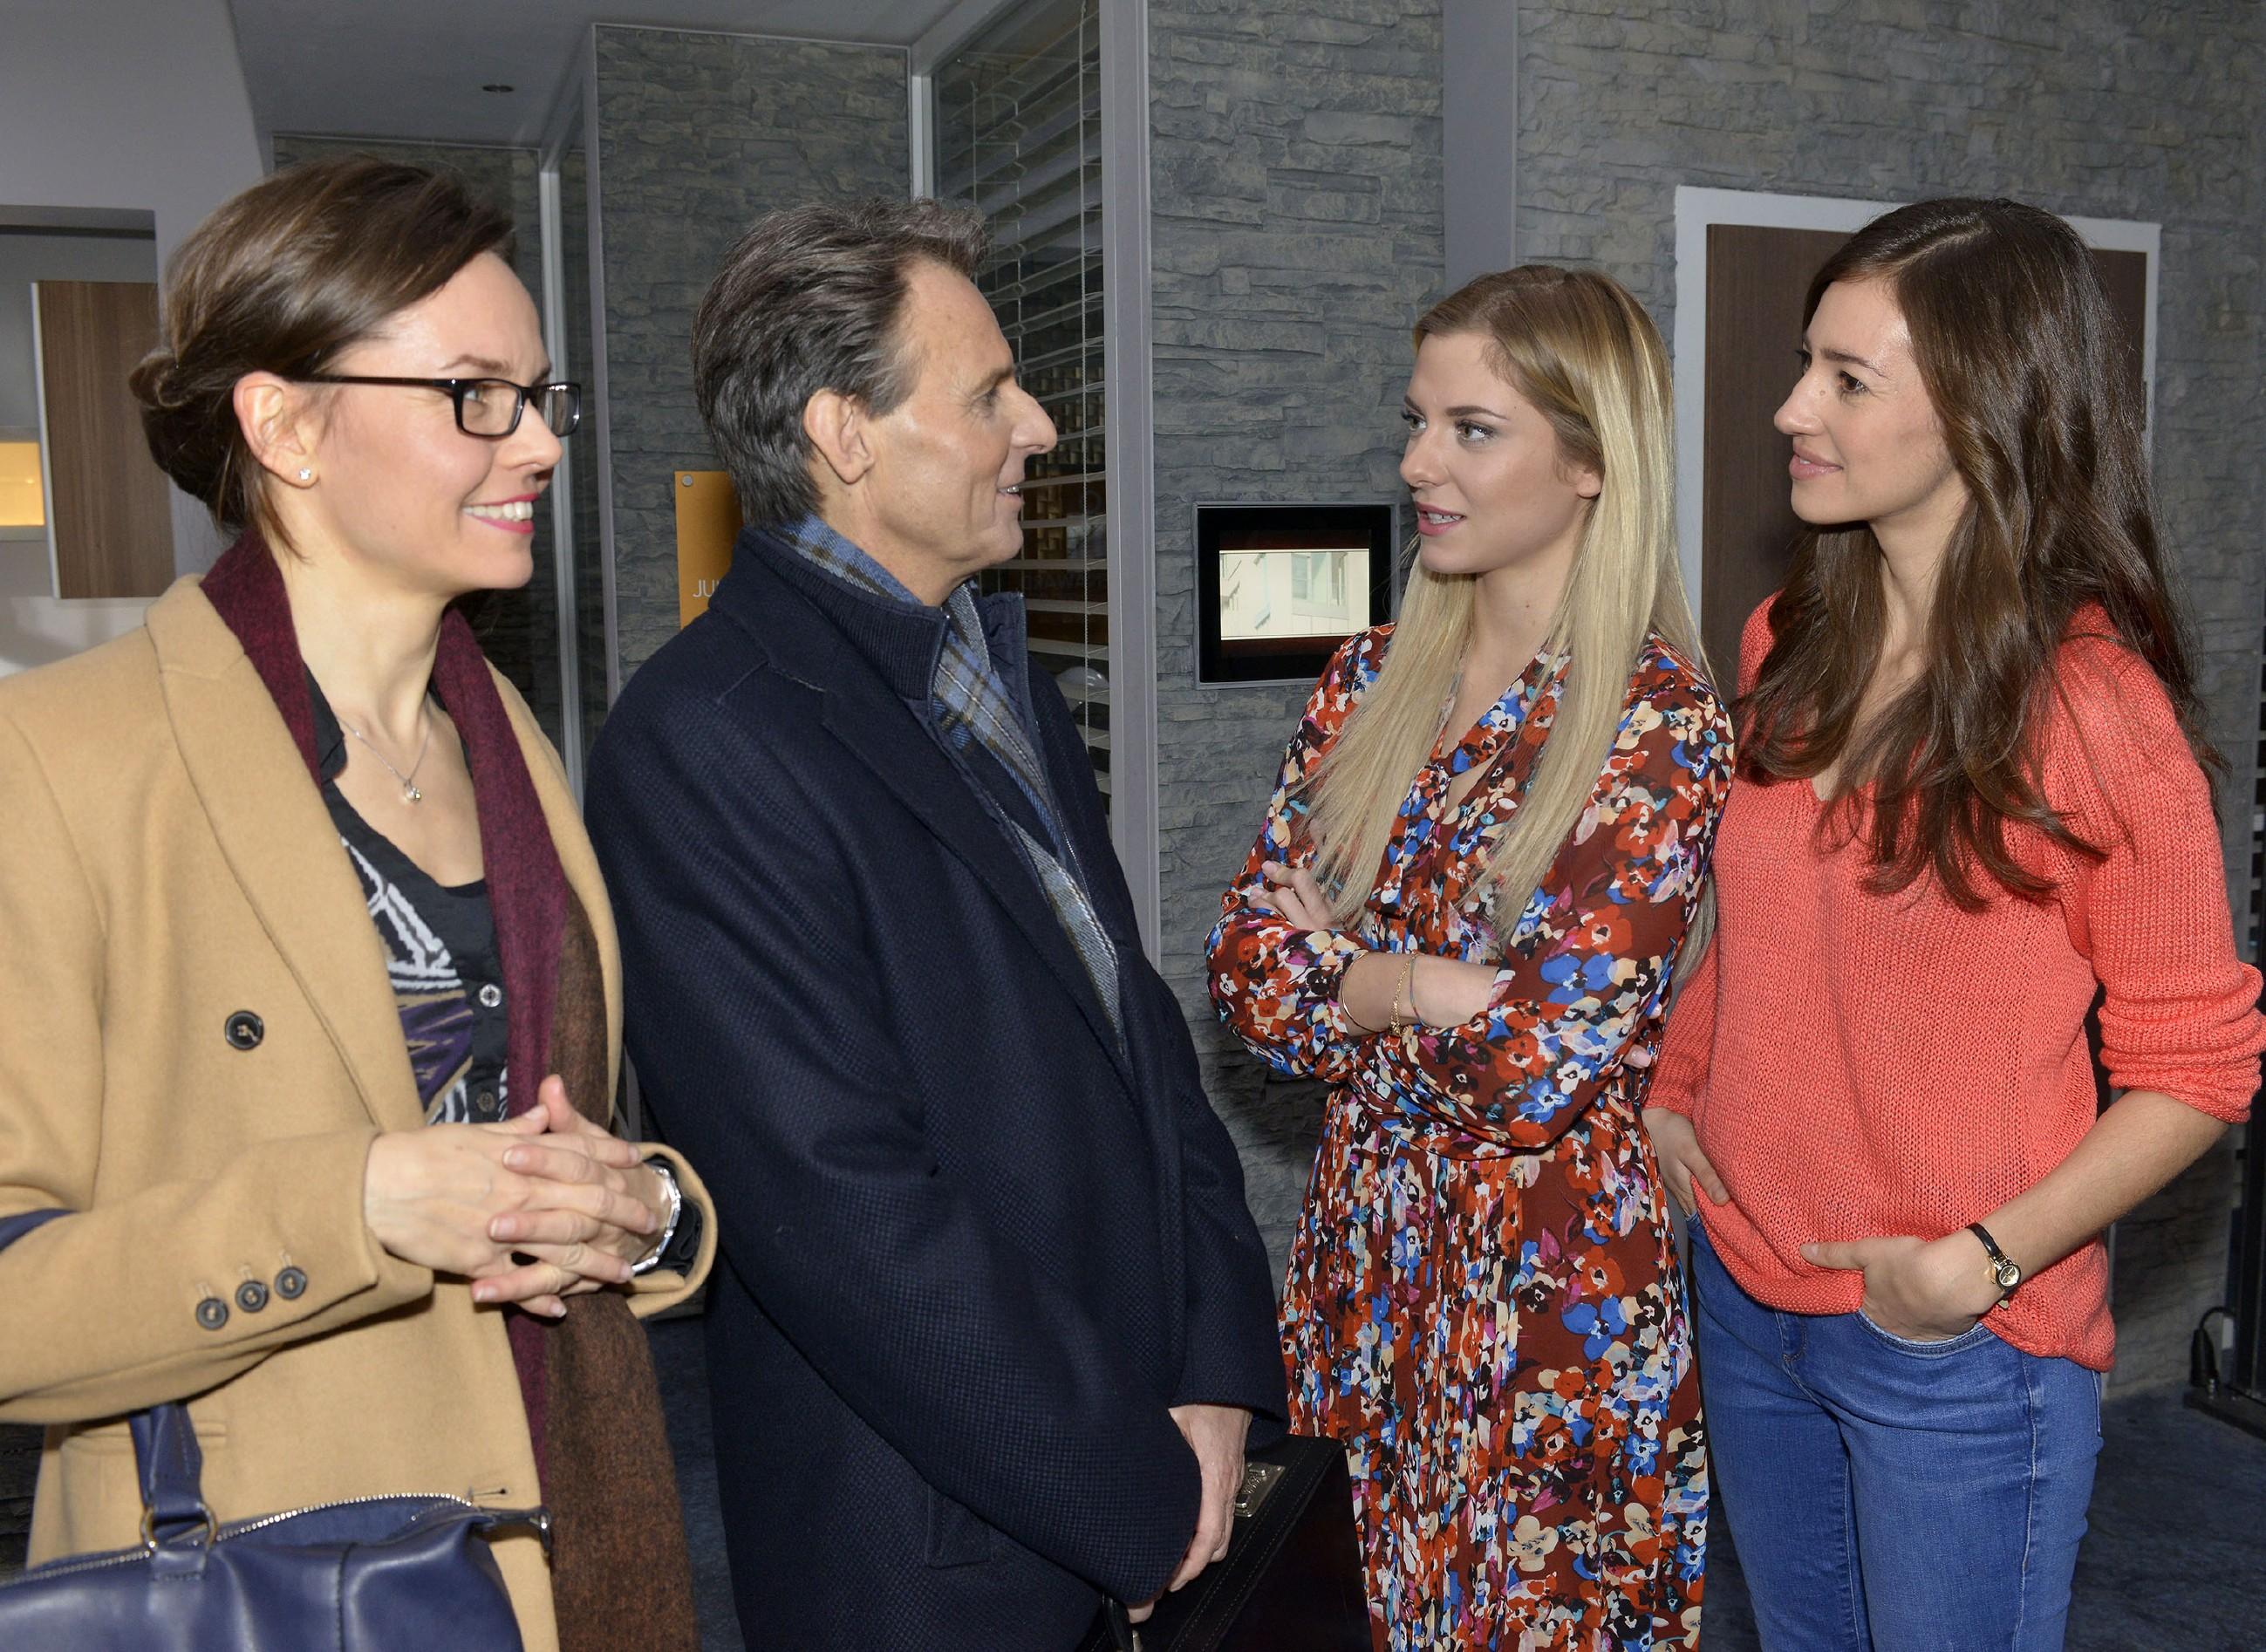 Sunny (Valentina Pahde, 2.v.r.) und Elena (Elena Garcia Gerlach, r.) fragen sich, warum Gerner (Wolfgang Bahro) so guter Stimmung ist, als er in Begleitung von Frau Heinrichs (Yvonne Ernicke) ins Büro kommt. (Quelle: RTL / Rolf Baumgartner)